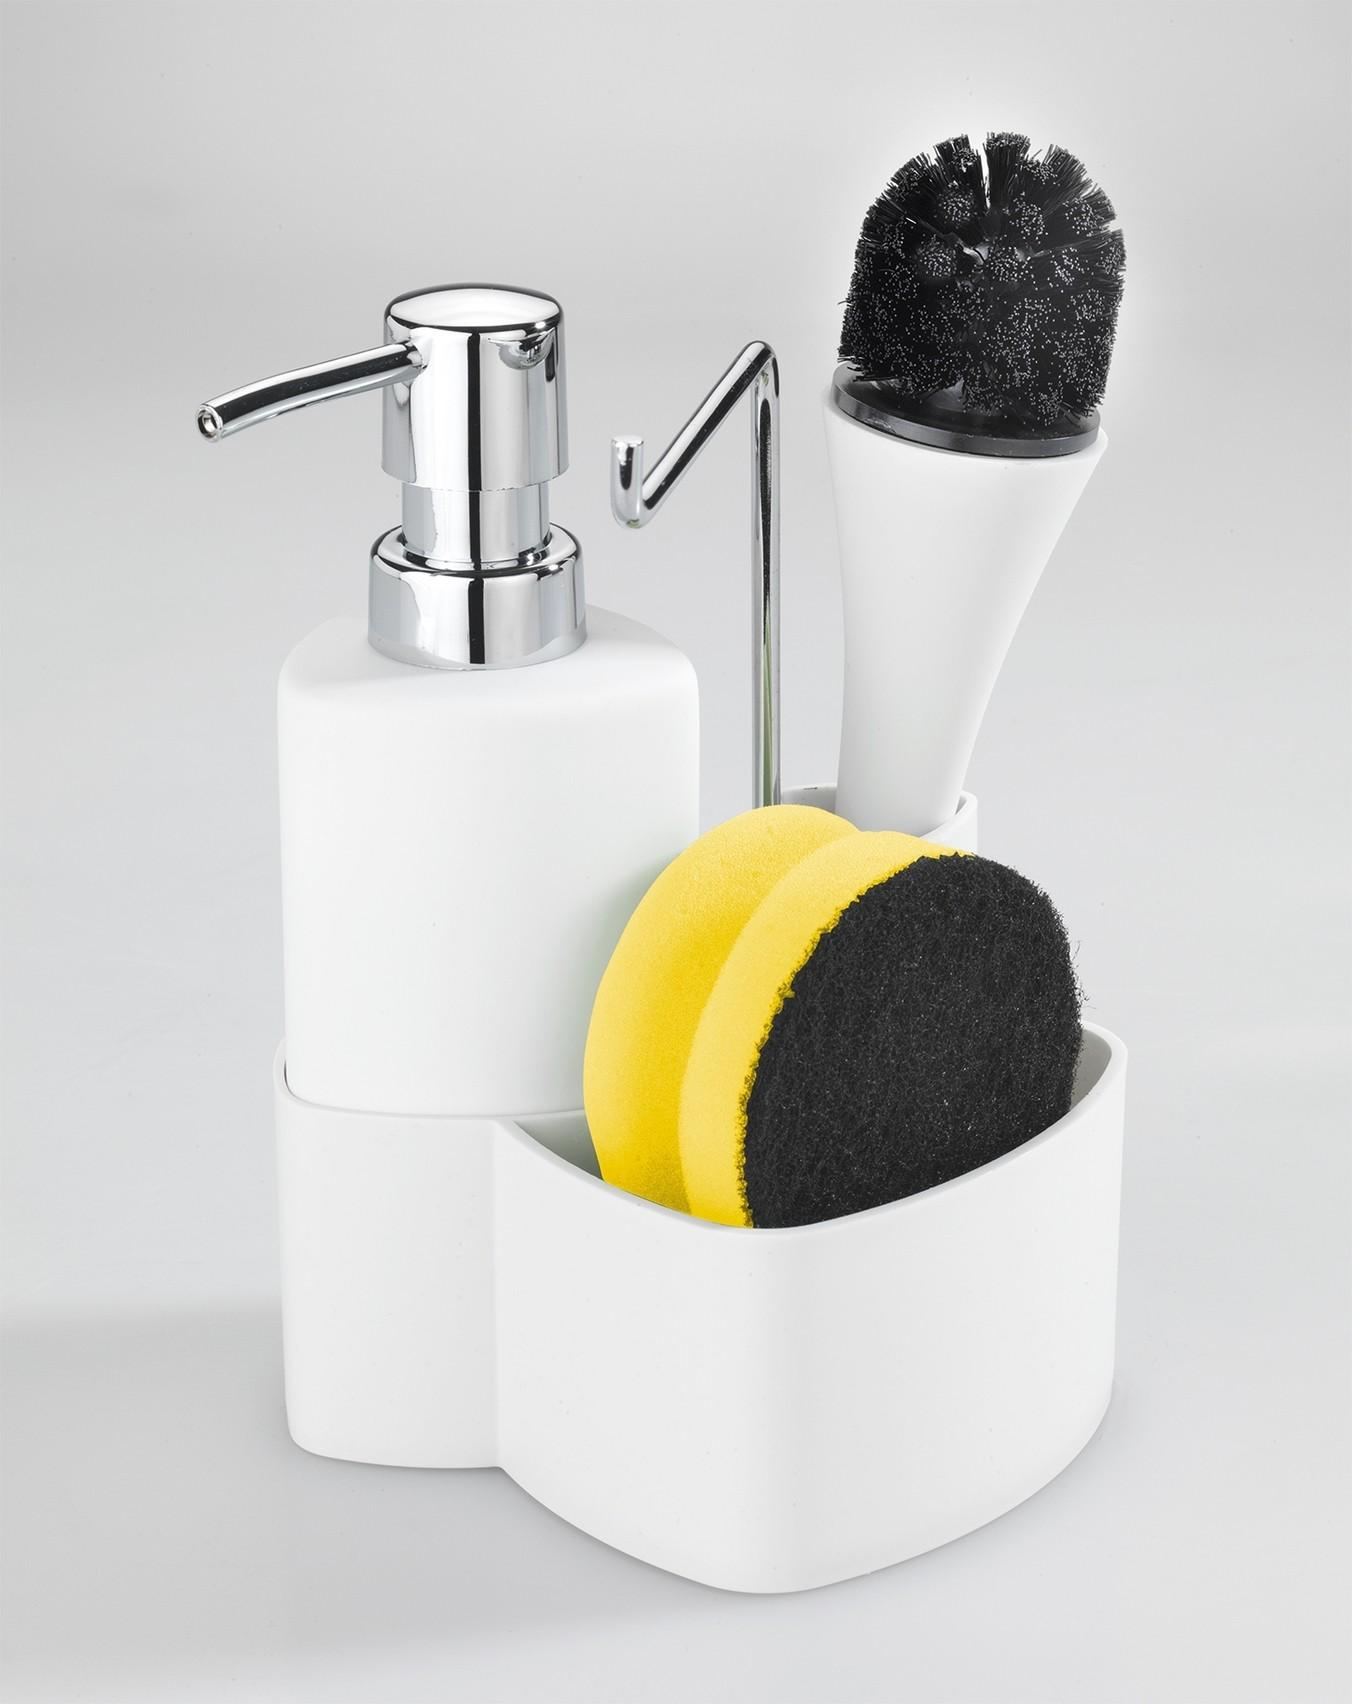 Wenko Spül-Set Empire Weiß, mit Spülbürste